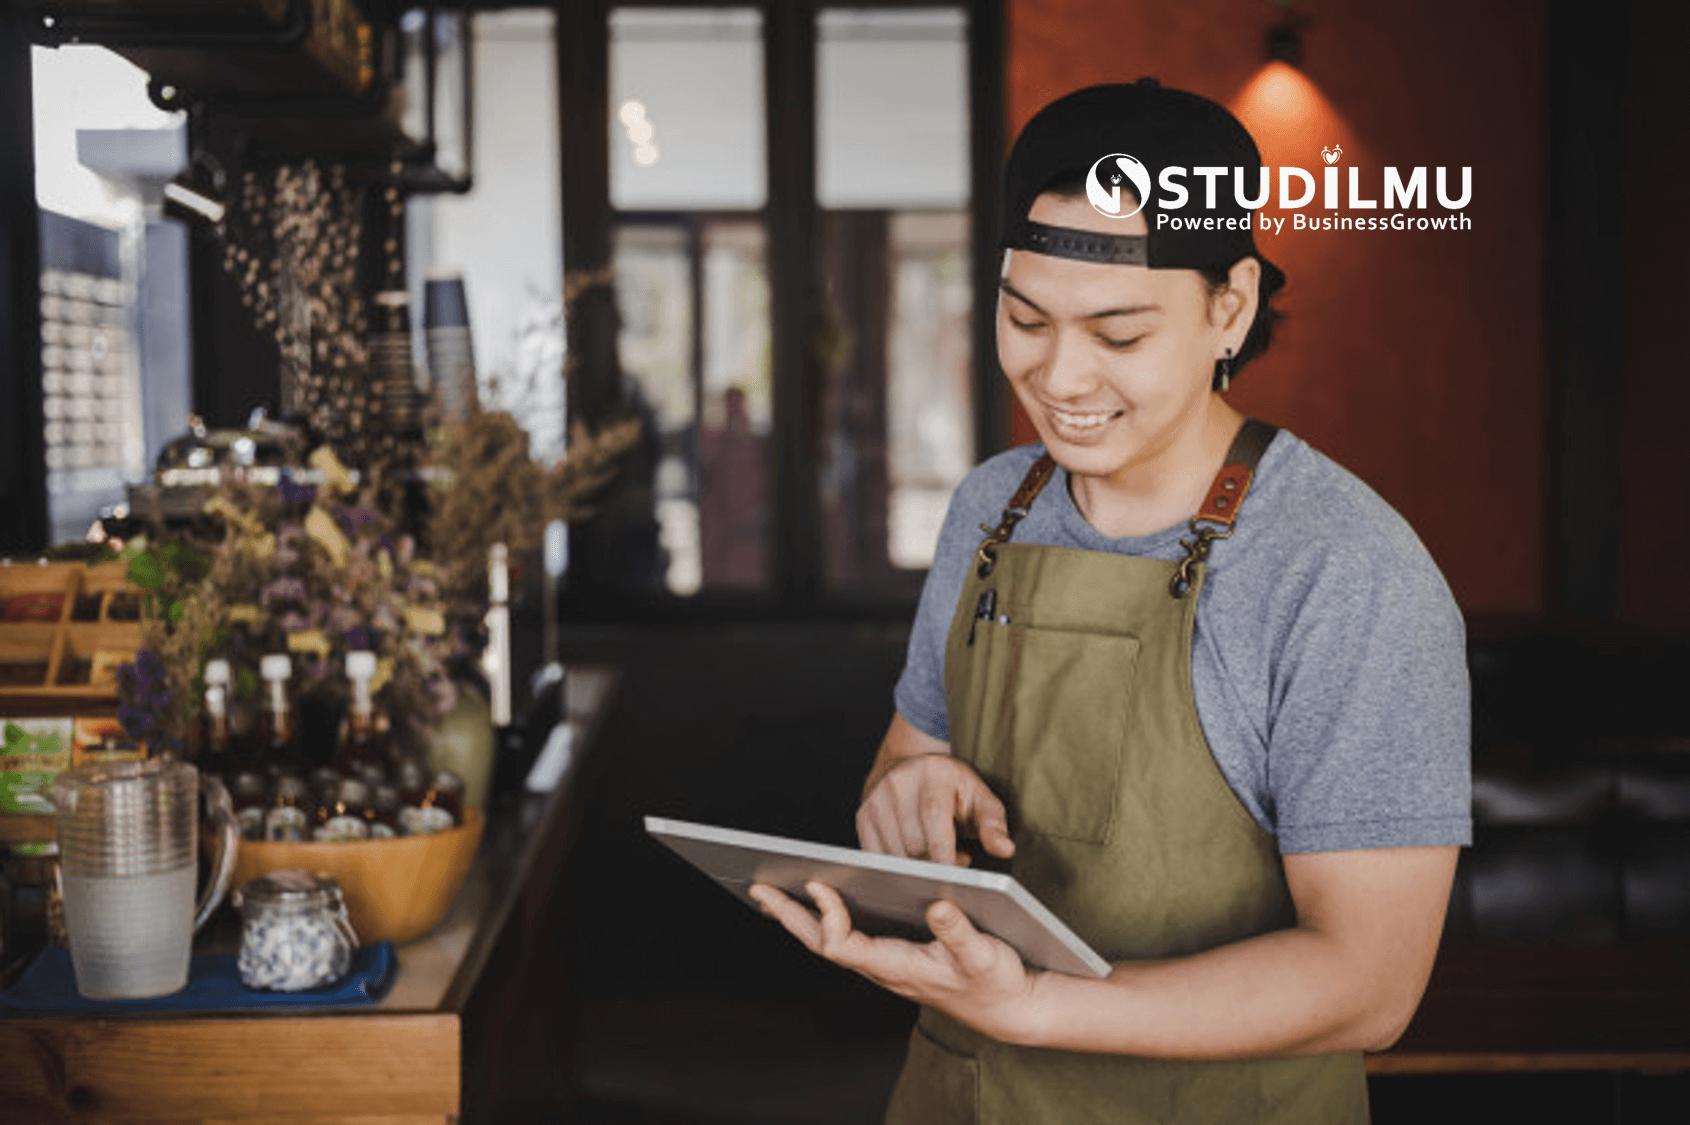 STUDILMU Career Advice - 3 Pertanyaan Sebelum Memulai Bisnis dan Menjadi Pengusaha